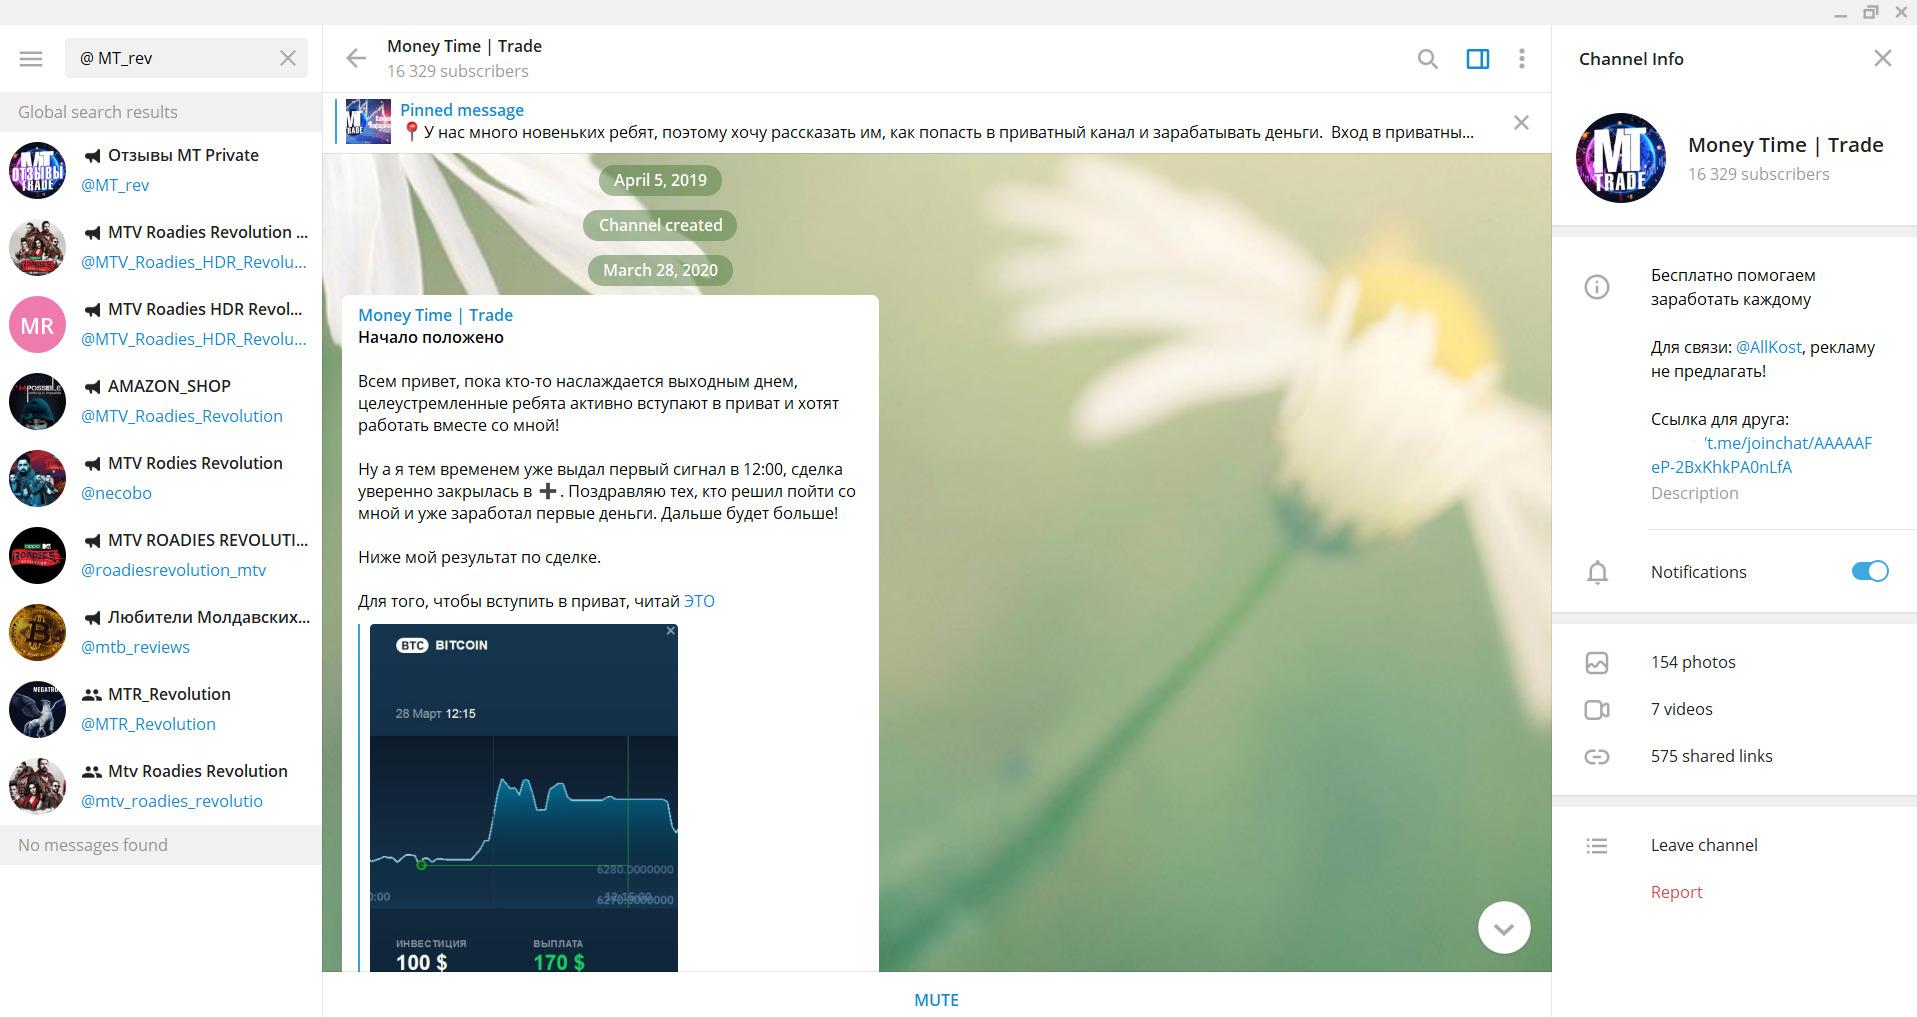 Телеграм-канал Money Time | Trade